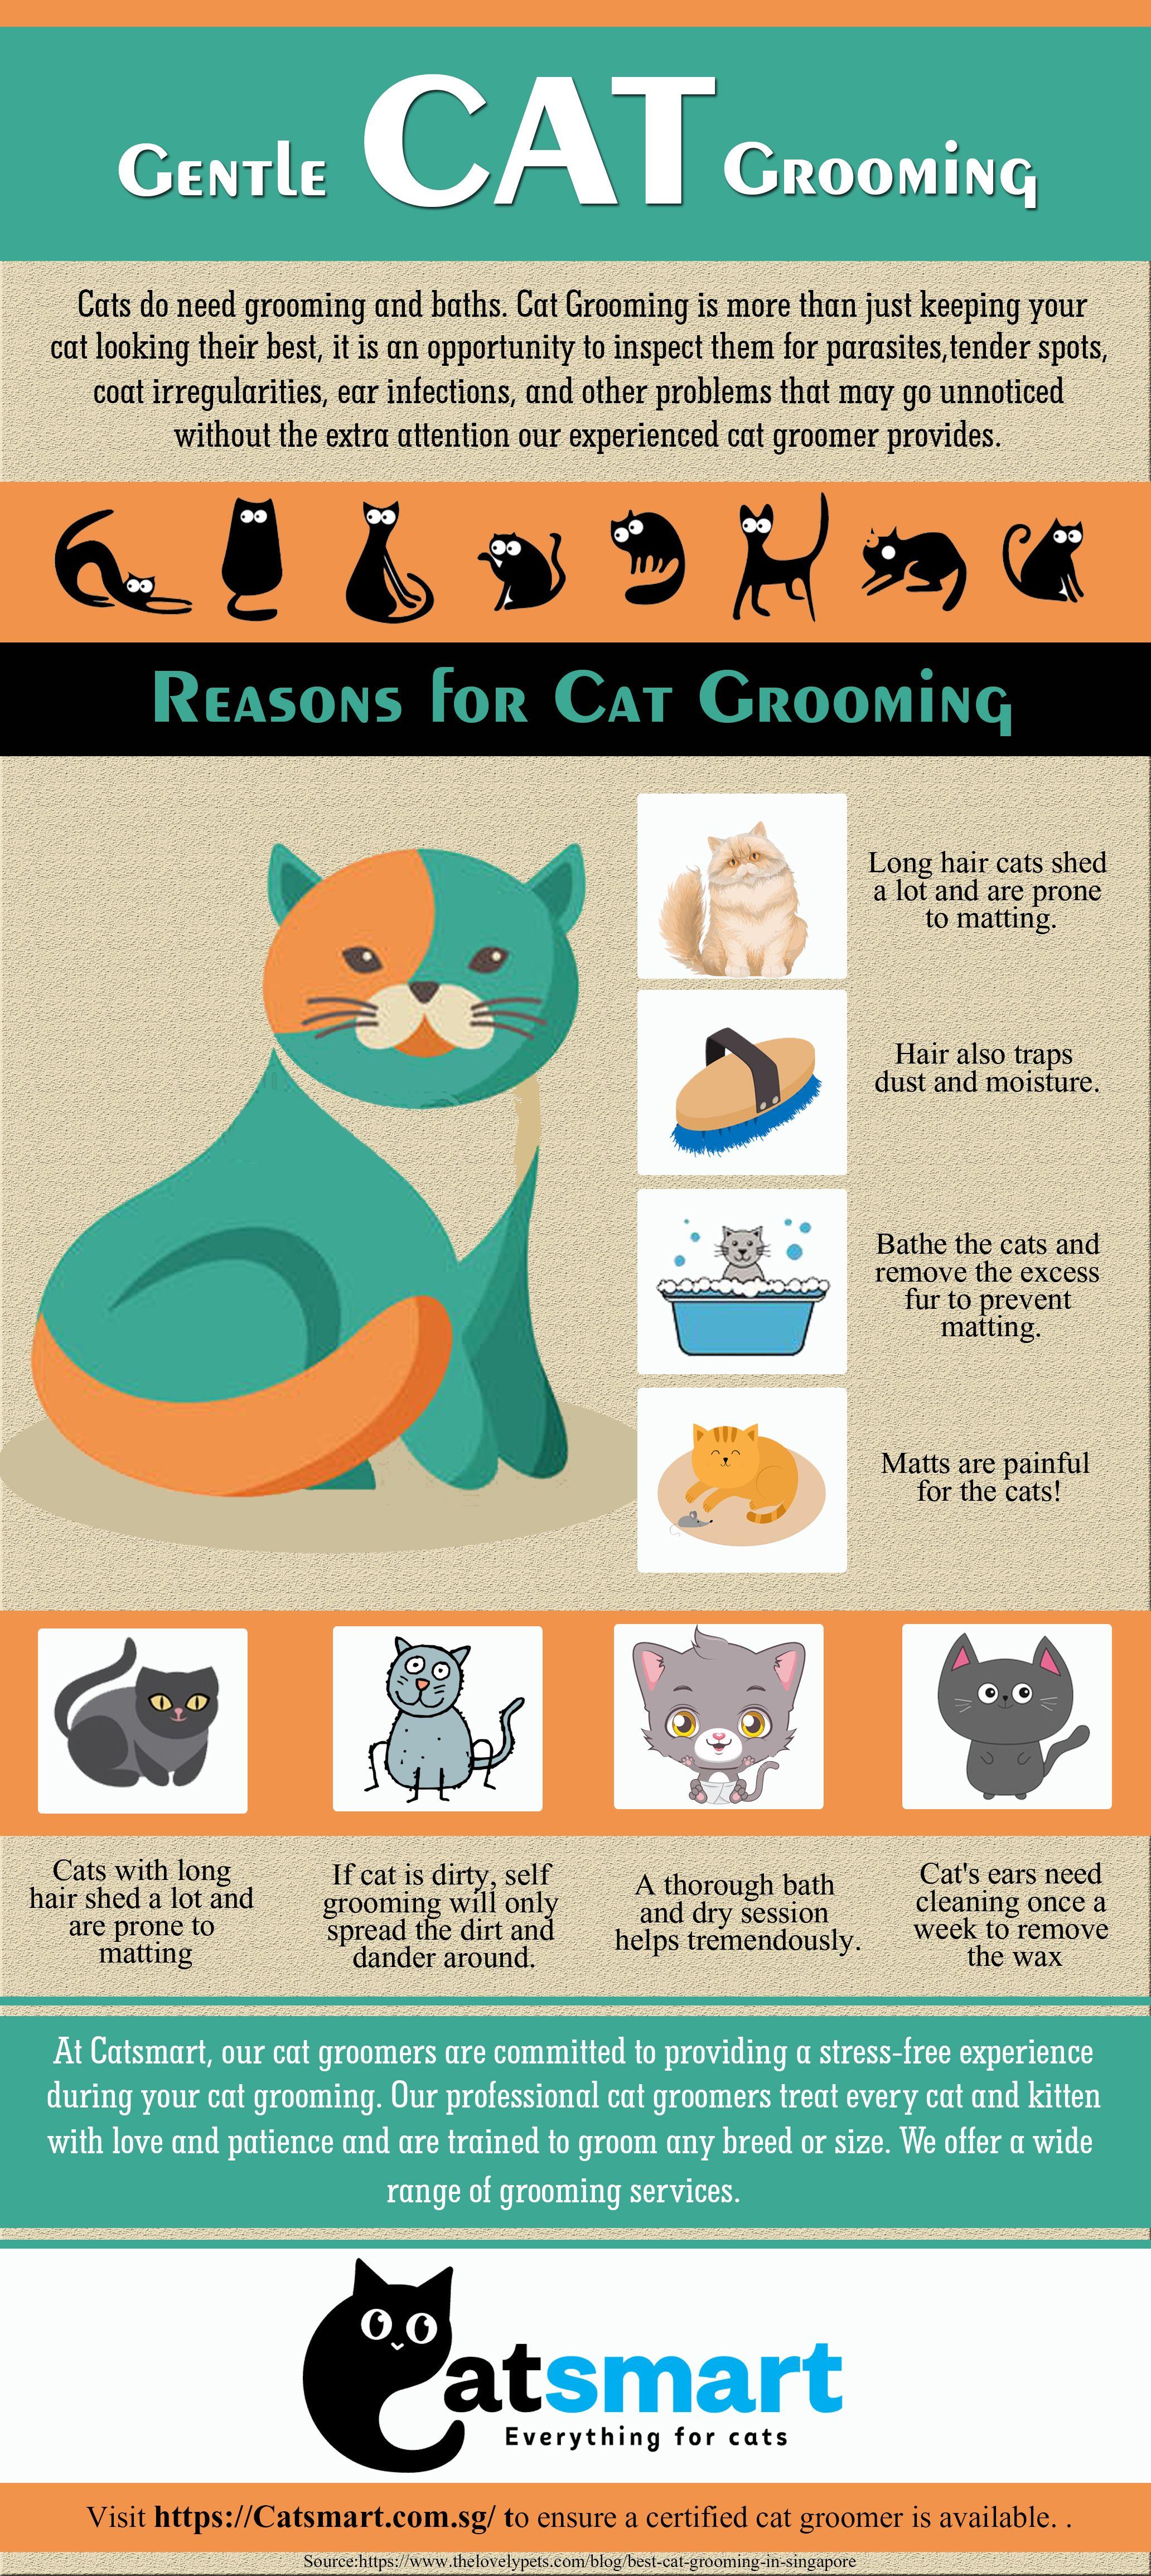 Gentle Cat Grooming In 2020 Cat Grooming Cat Groomer Grooming